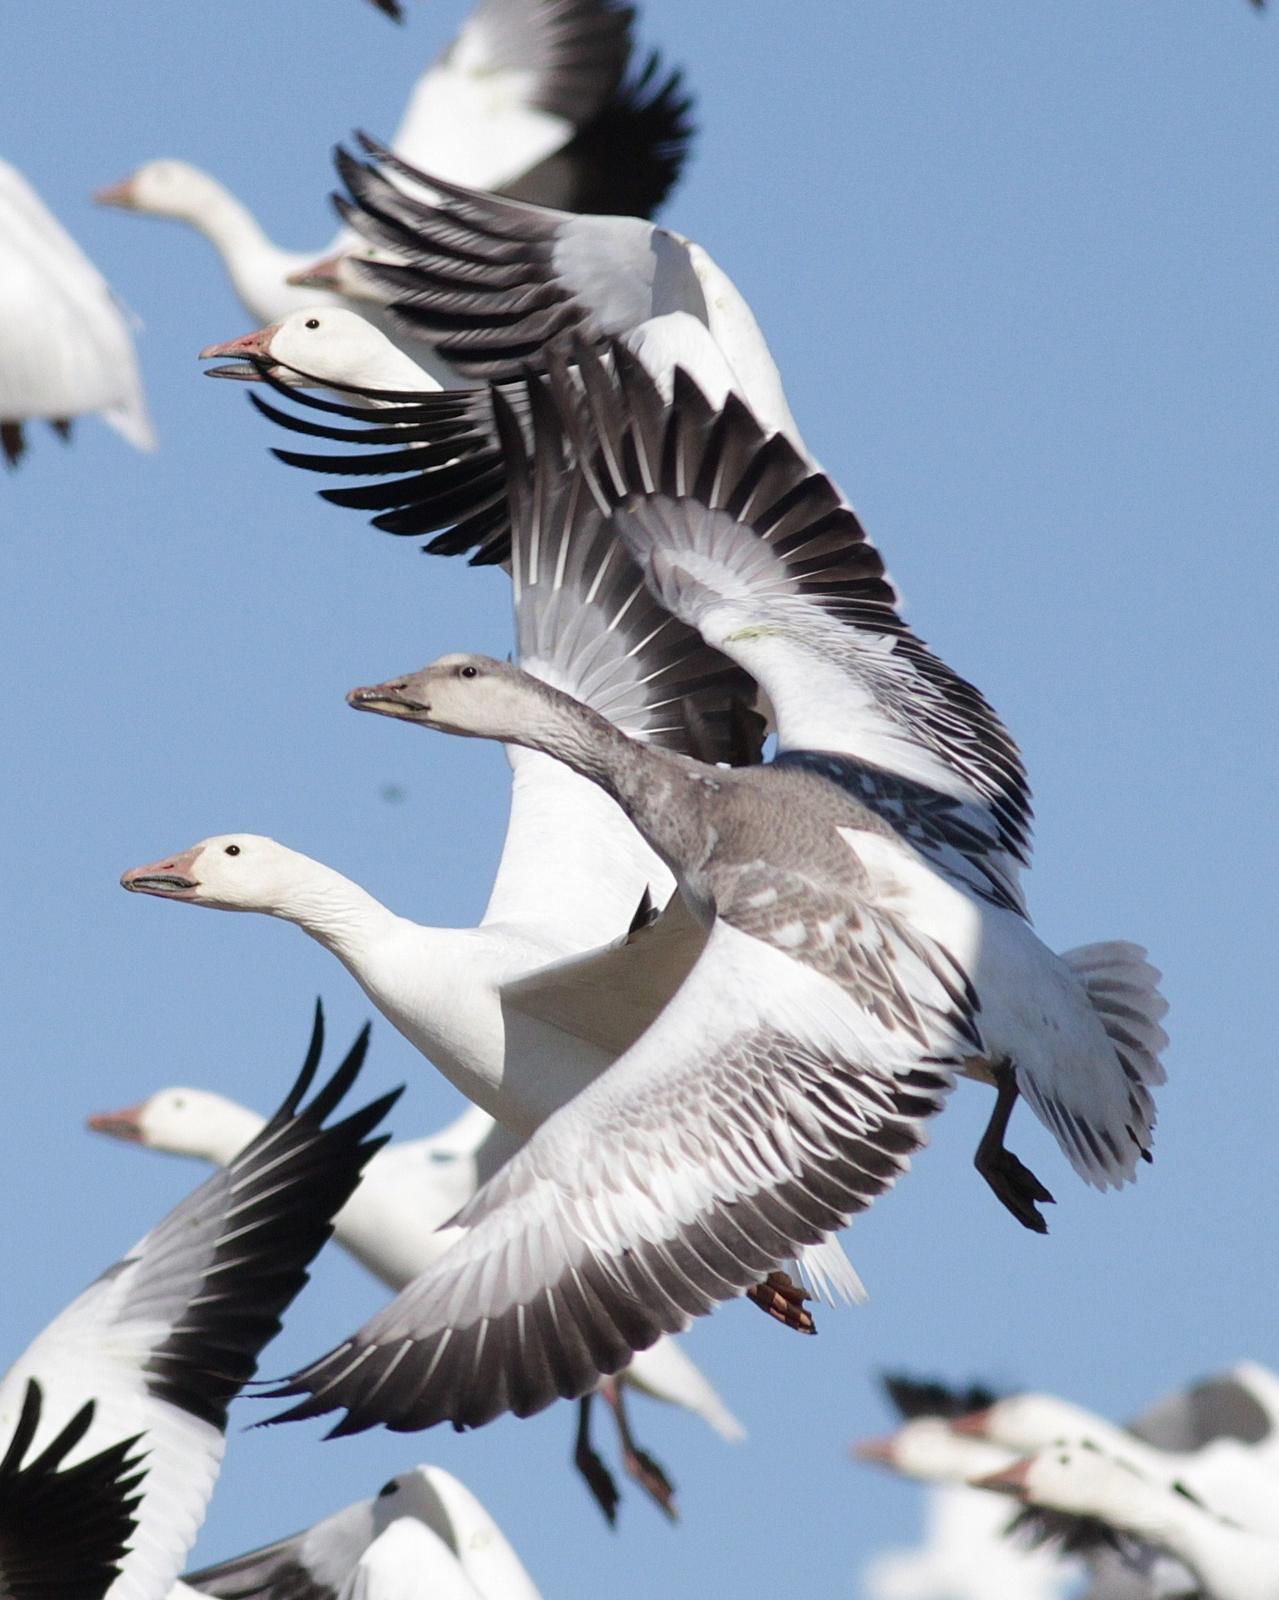 Snow Goose Photo by Alex Lamoreaux